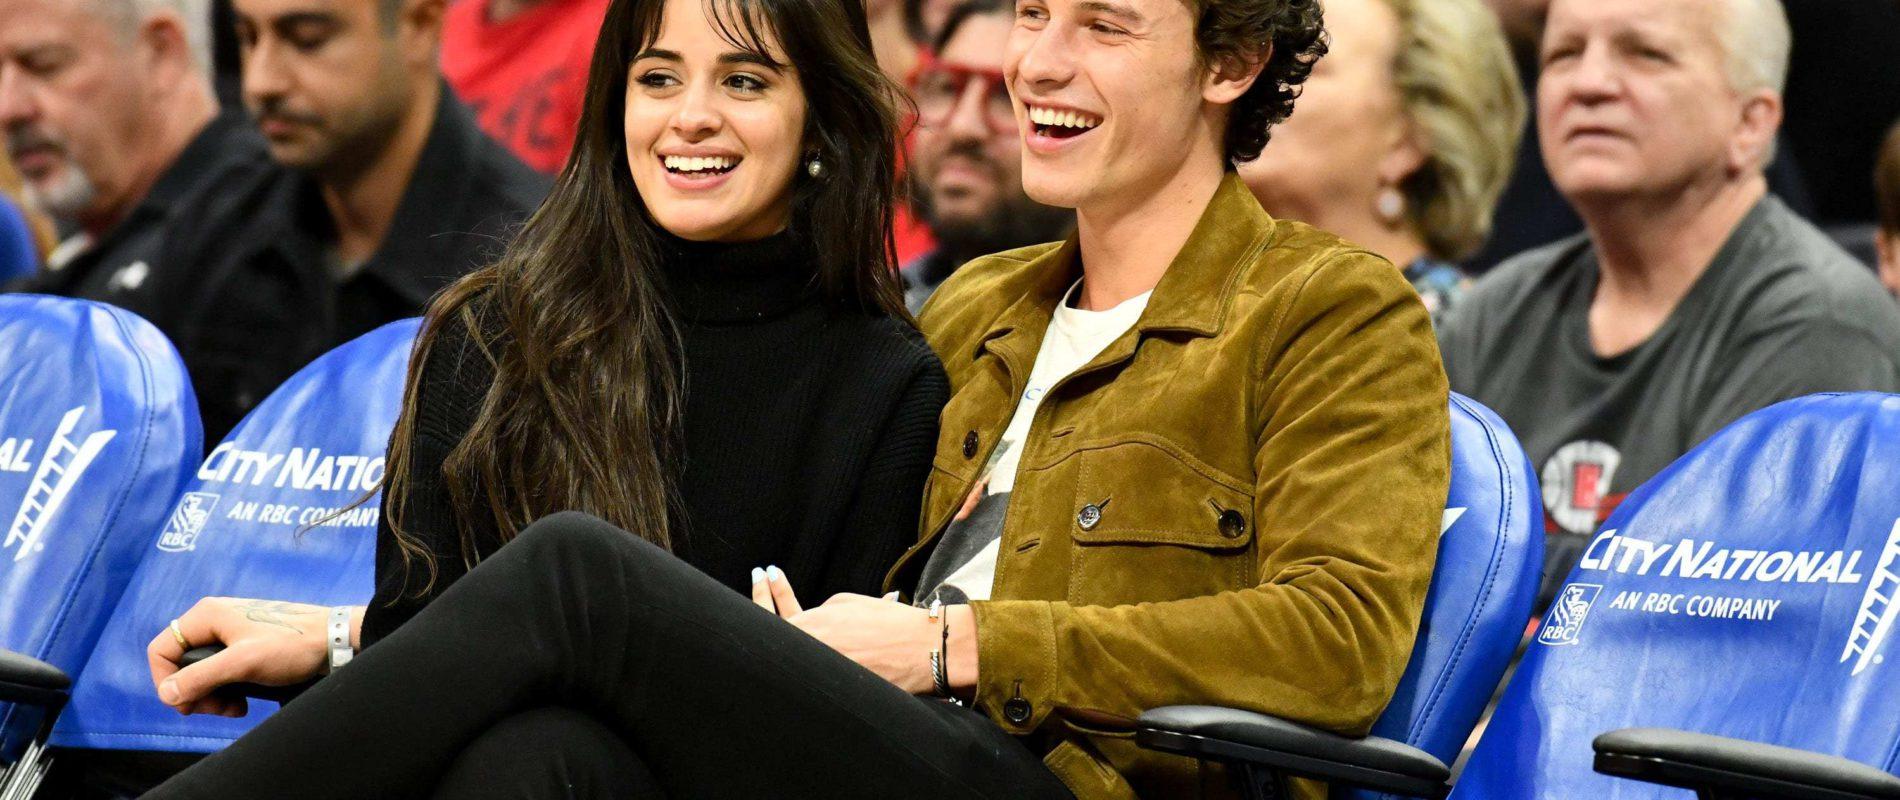 ¿Boda secreta? Artista latino reveló que Shawn Mendes es esposo de Camila Cabello